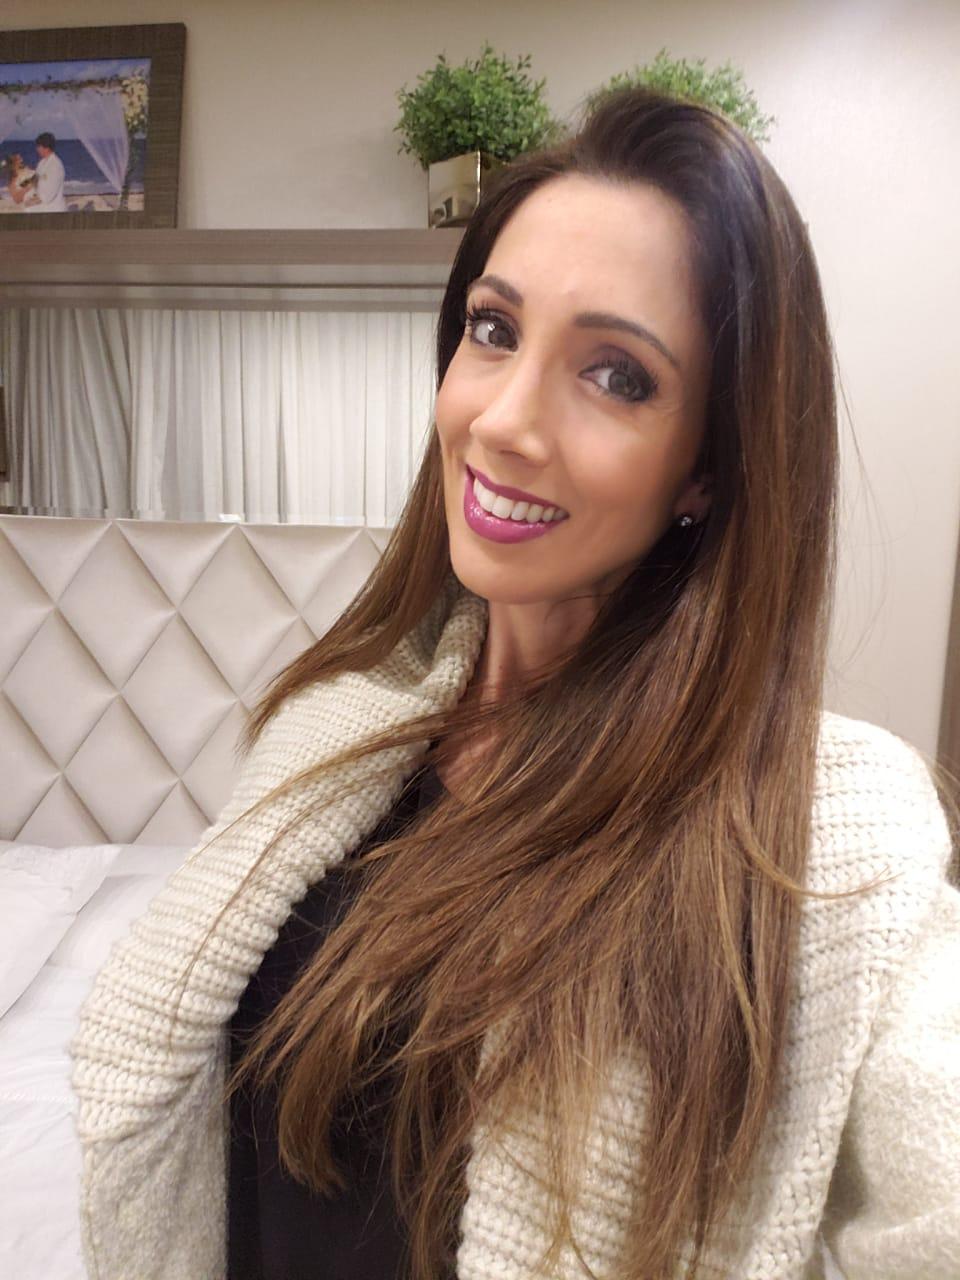 ENTREVISTA: Luana Vicente dos Santos Furlani - Aprovada no concurso TRF 4 em 6° lugar para Analista Judiciário área Judiciária na região Vale do Itajaí/SC